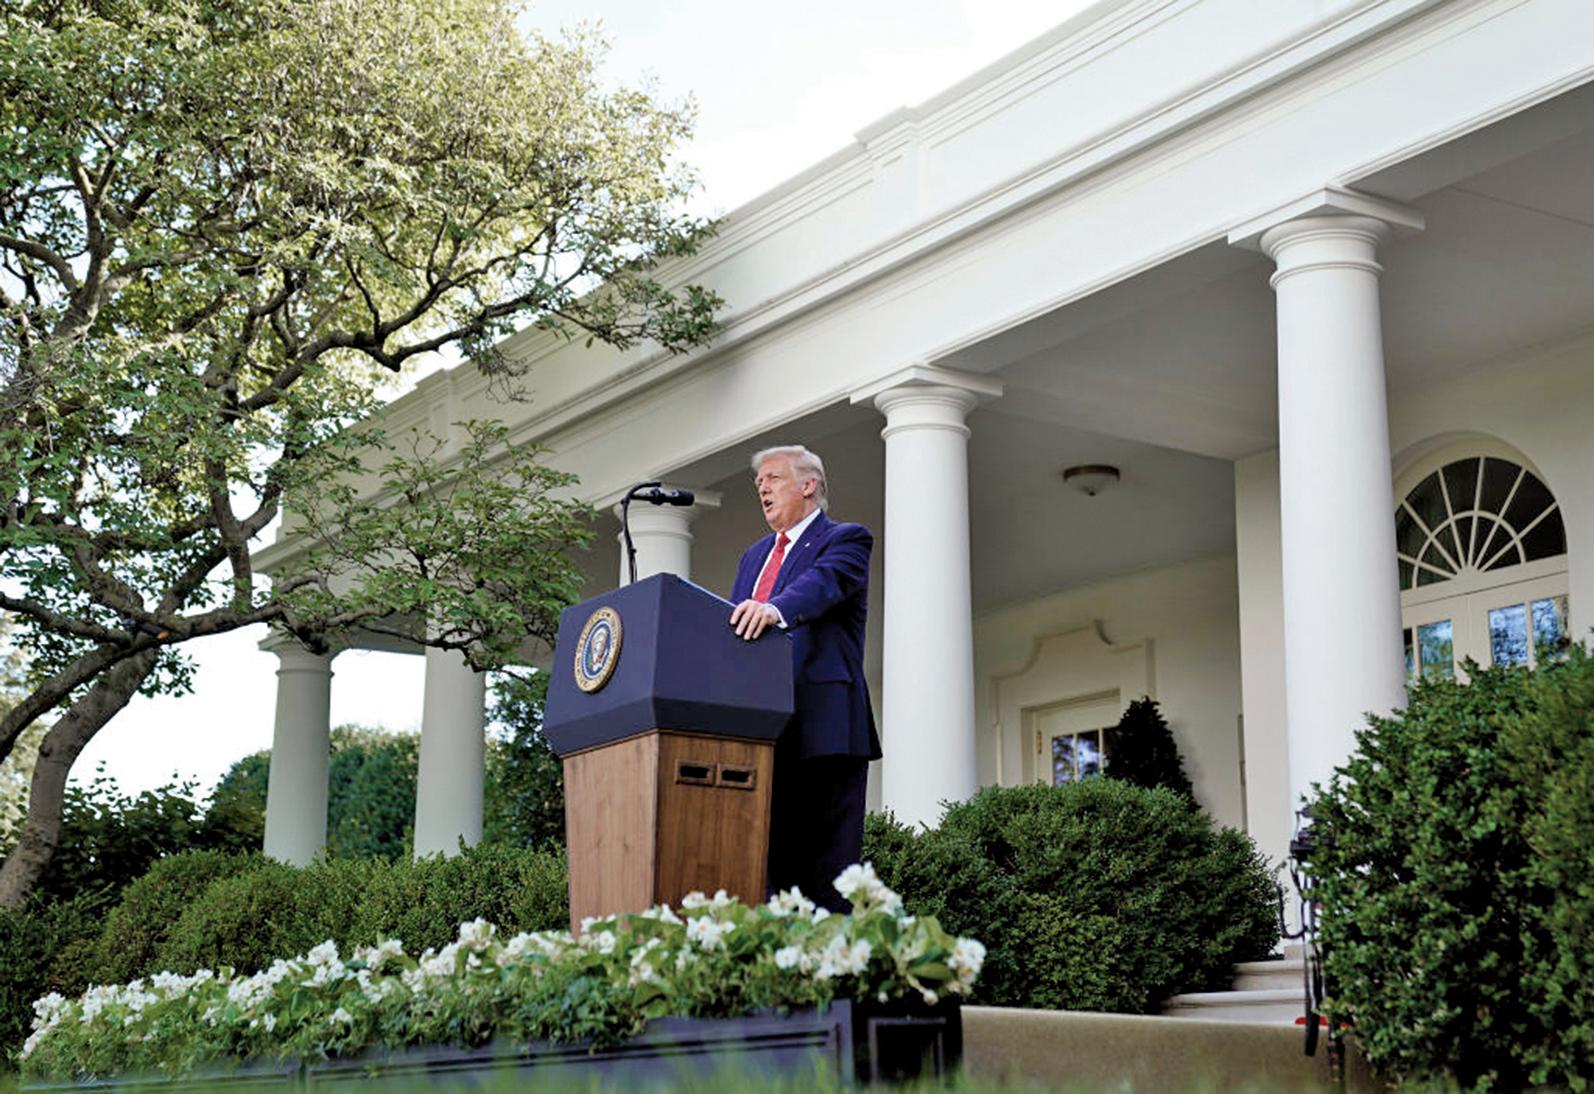 2020年7月14日,美國總統特朗普在白宮的記者會上宣布,他簽署了《香港自治法》,並簽署了一項行政命令,終止香港的特殊待遇。(Getty Images)